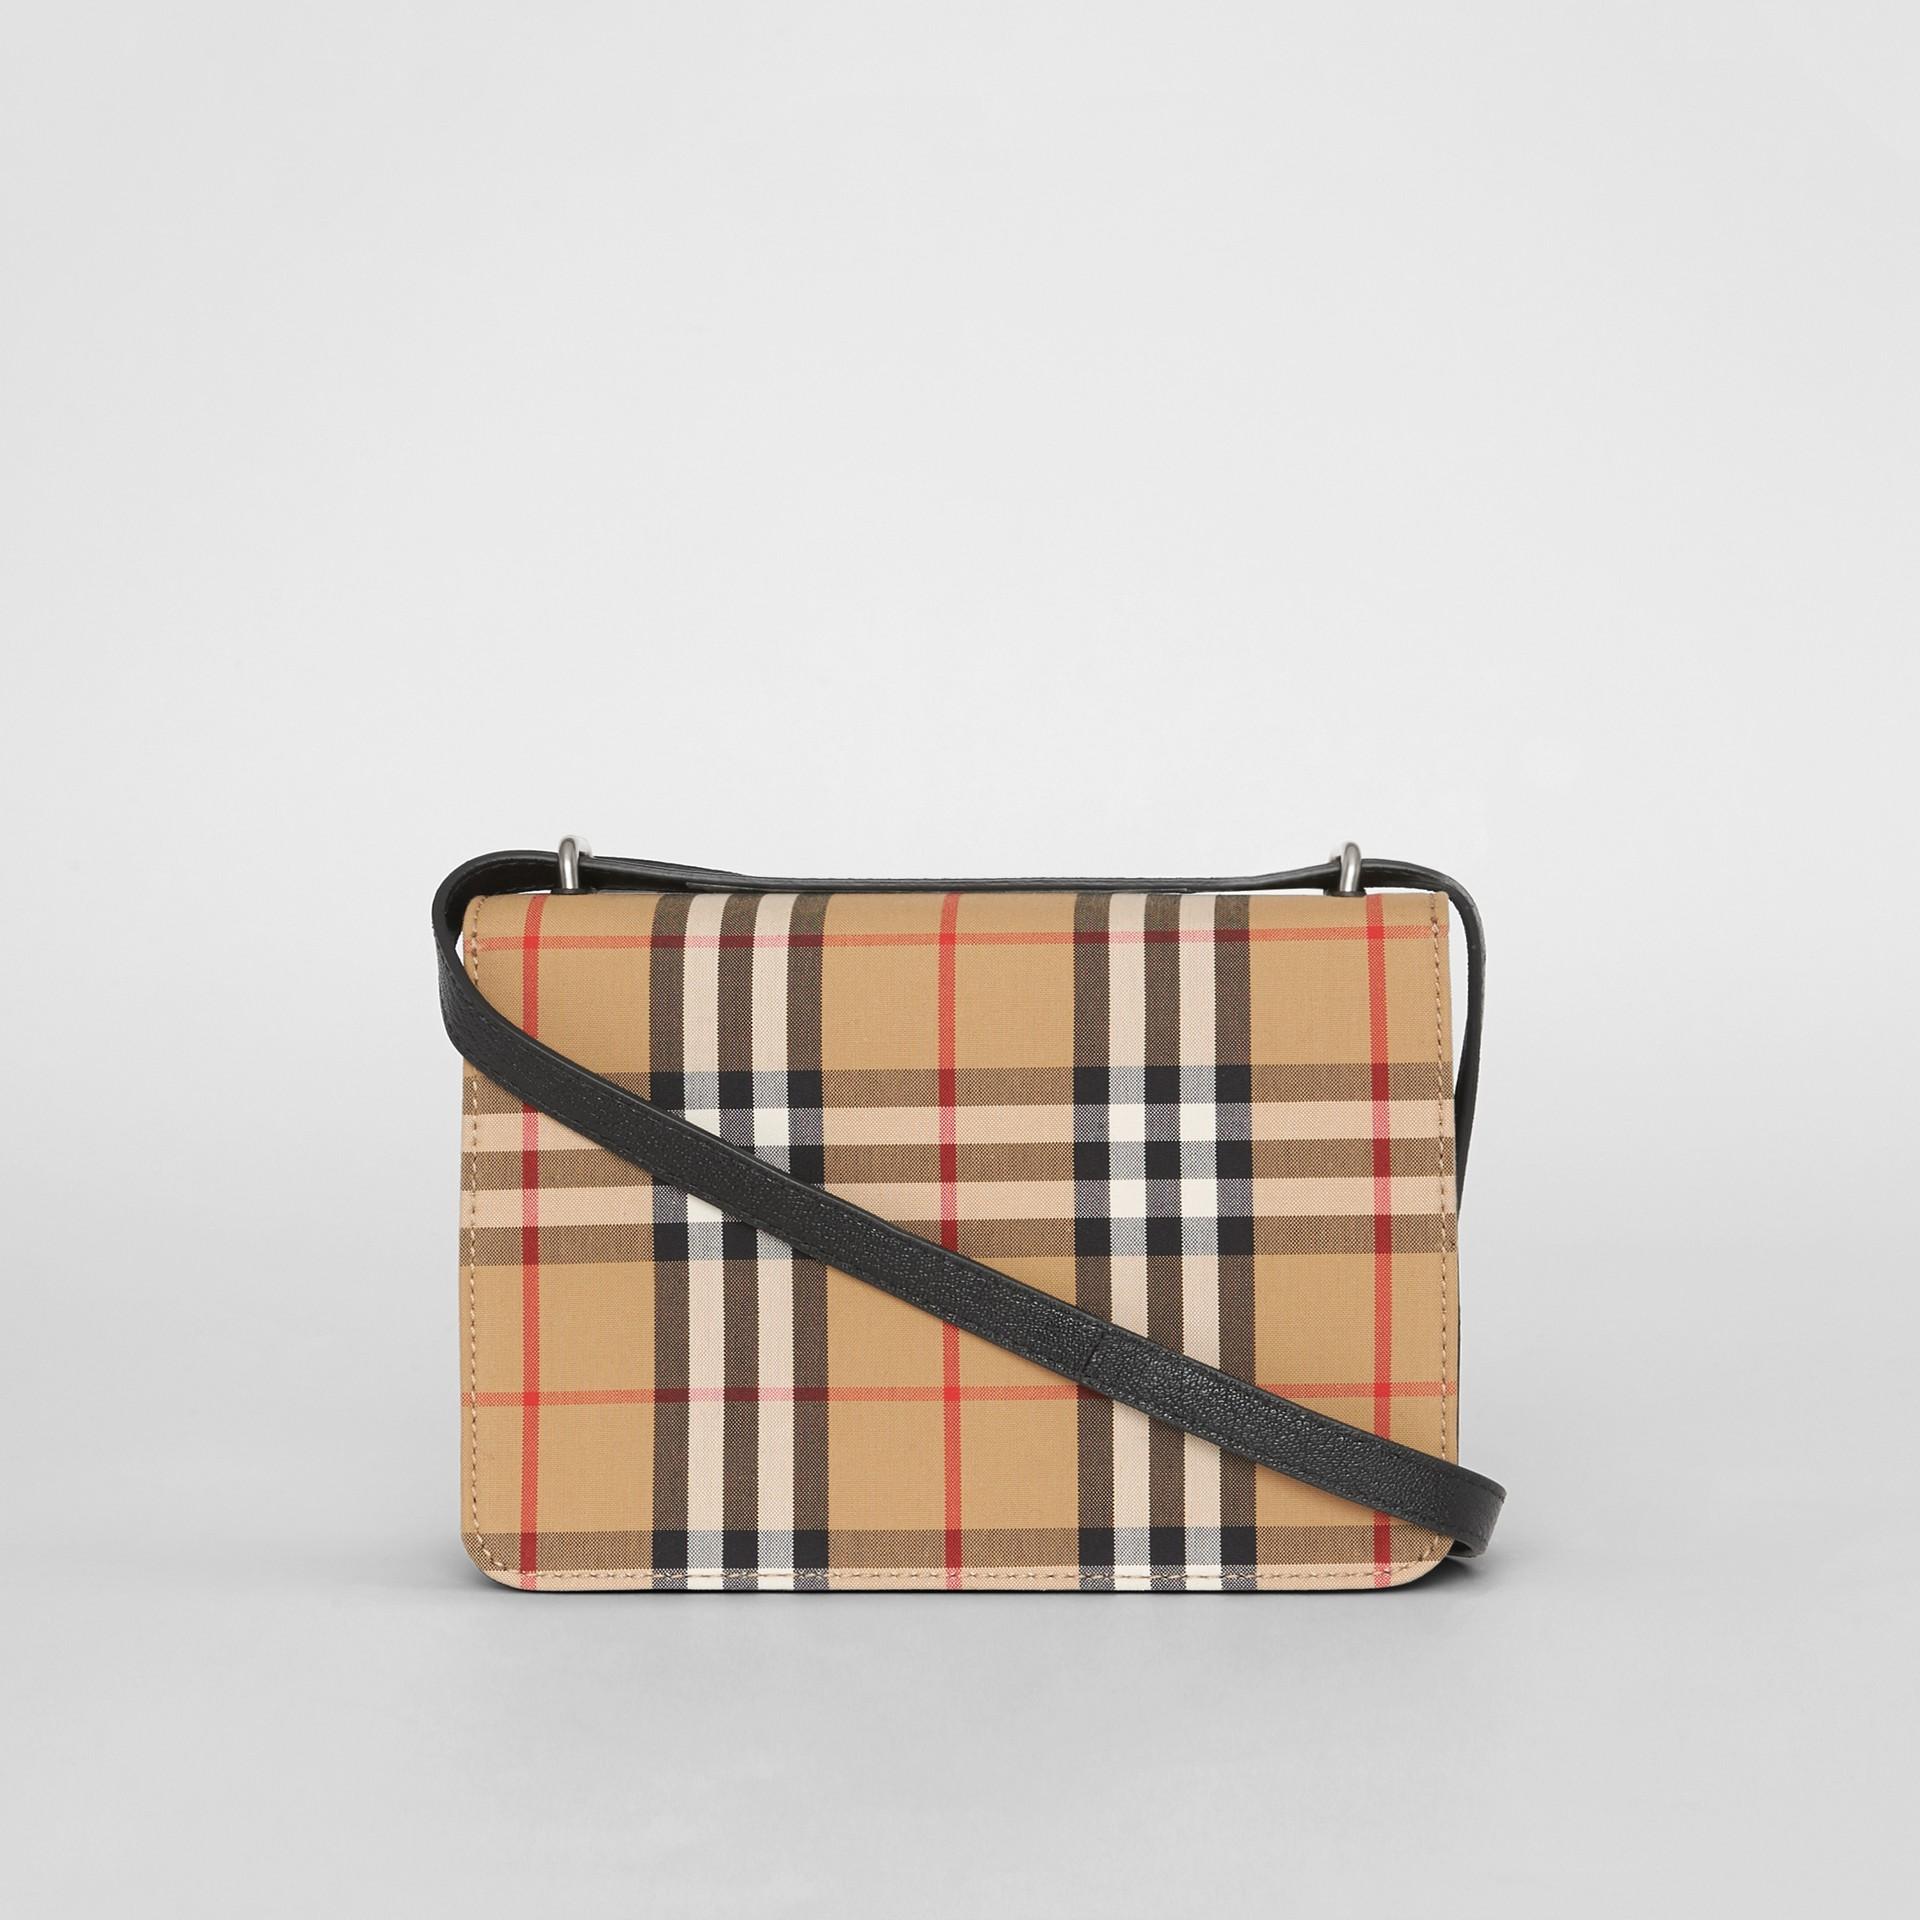 Petit sac TheD-ring en cuir et à motif Vintage check (Noir/jaune Antique) - Femme | Burberry - photo de la galerie 7